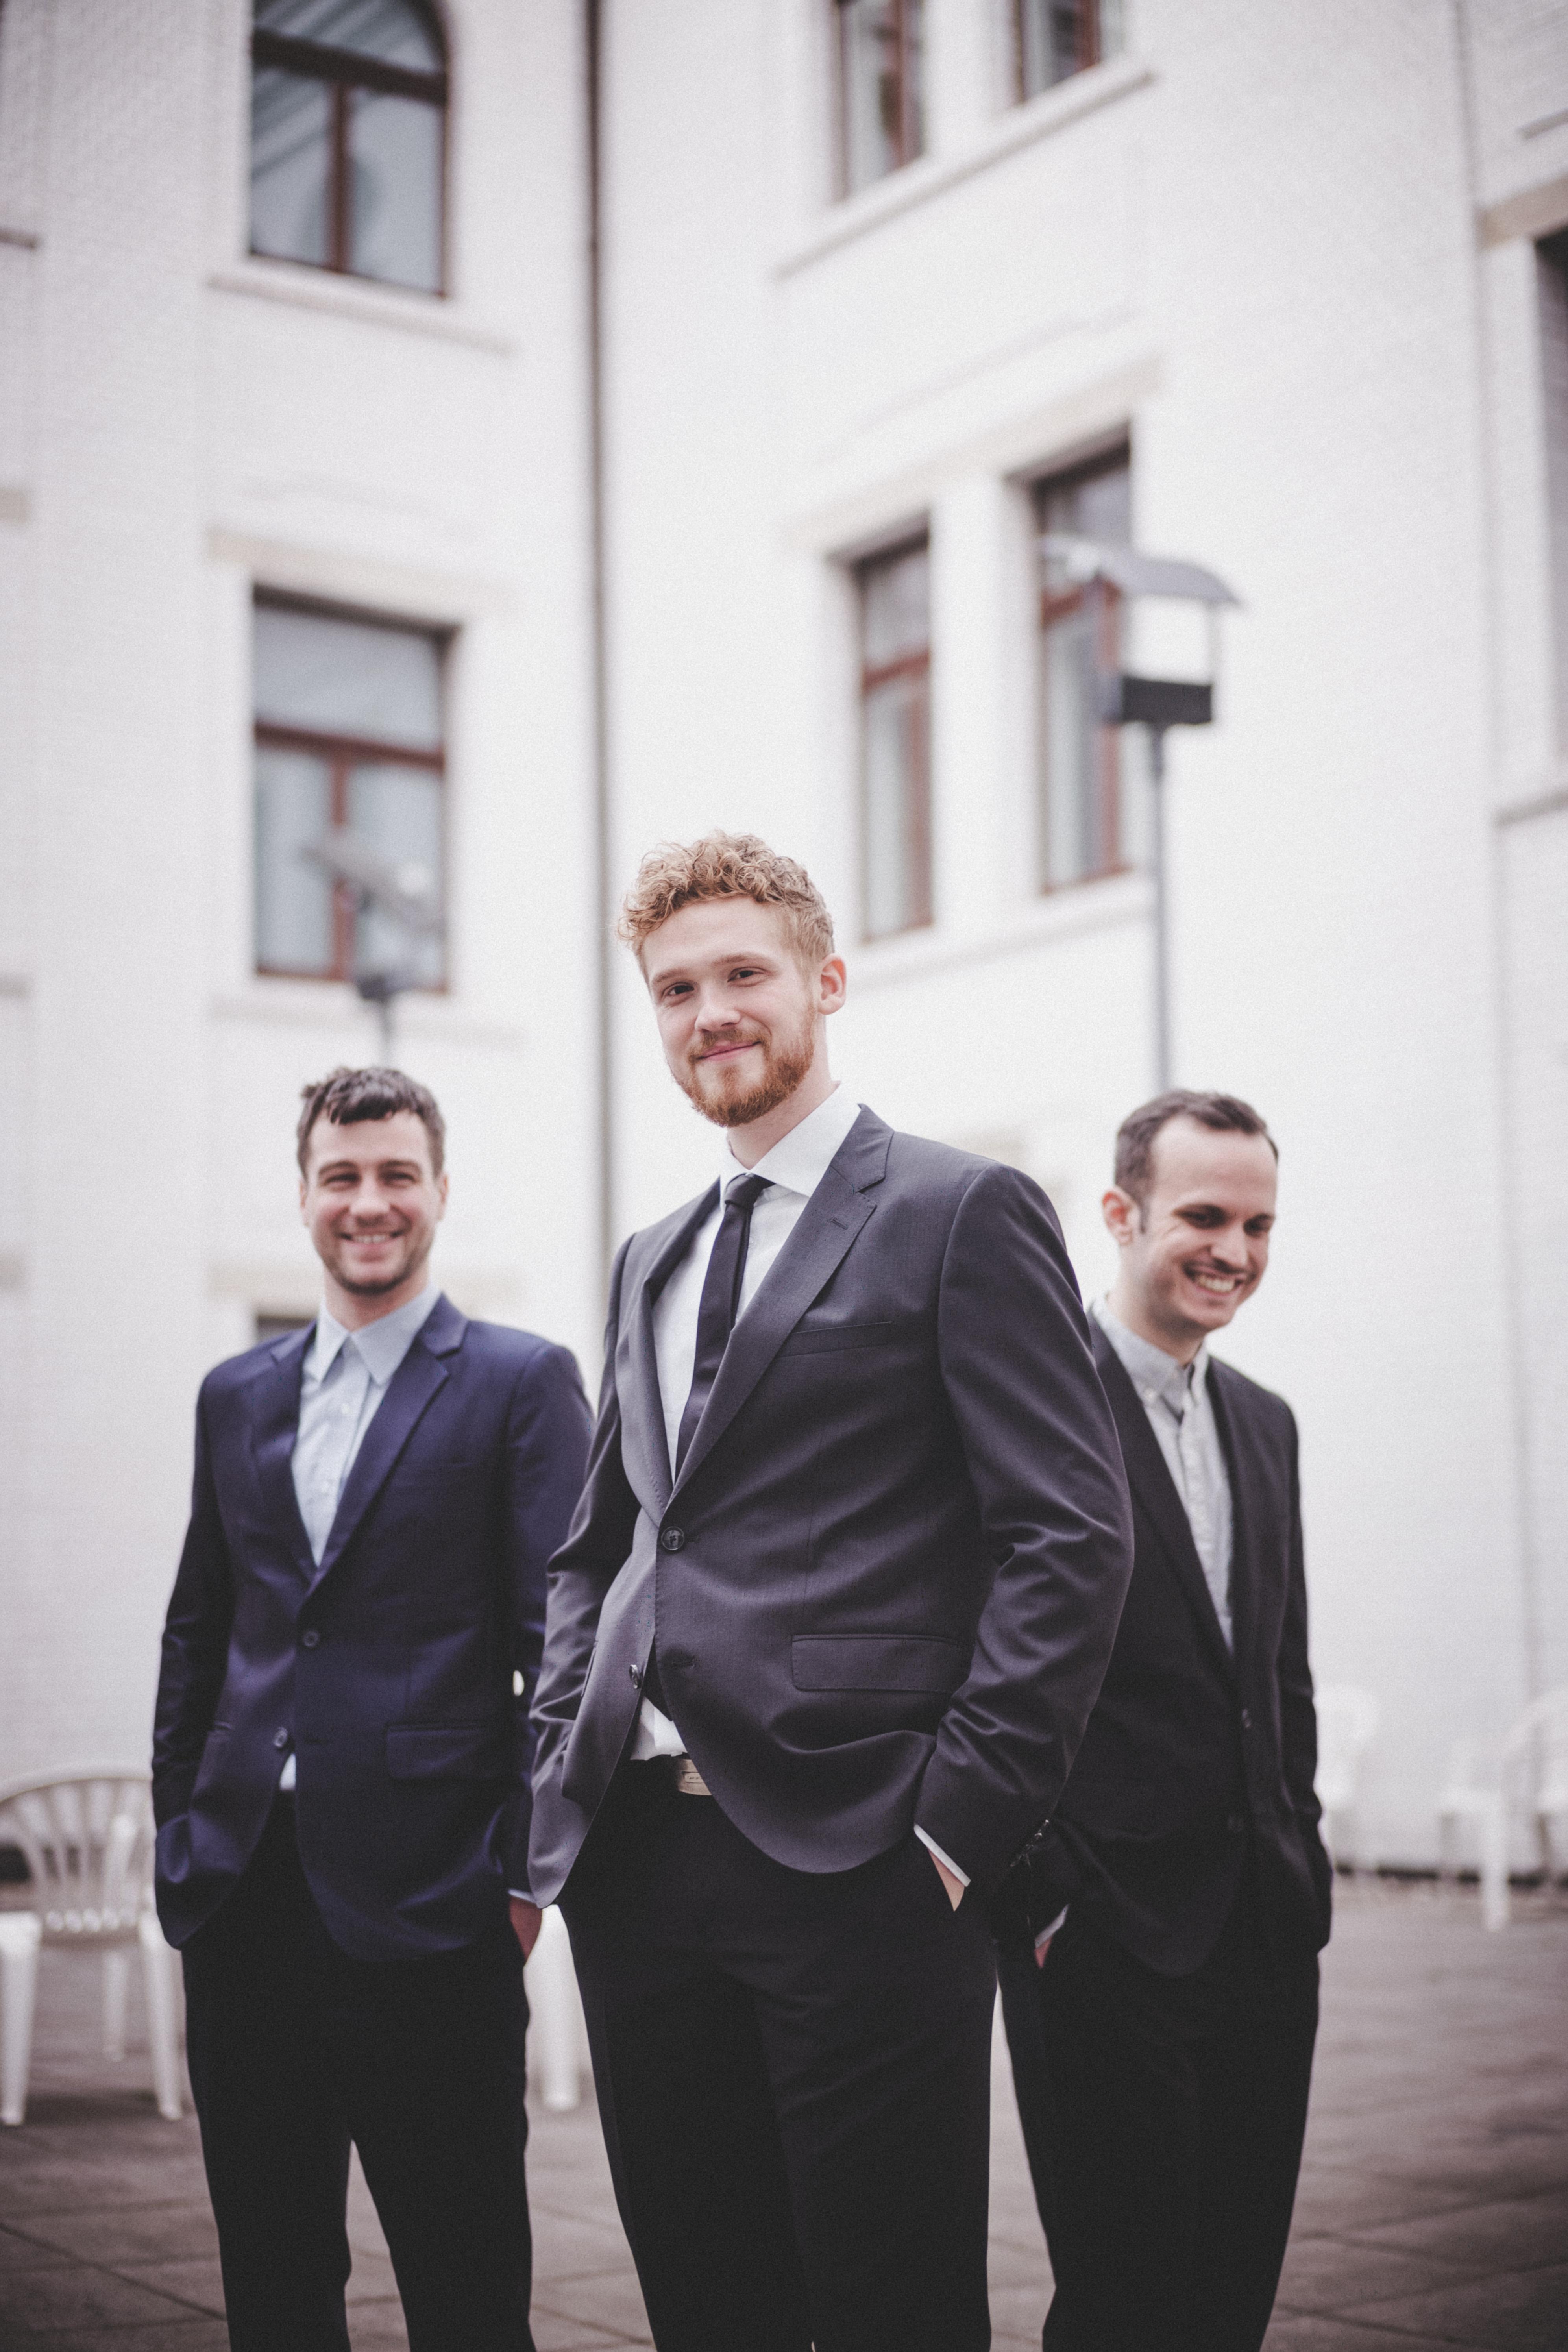 Moritz LAnd Trio: Moritz Land - Guitar, Lukas Growe - Bass, Tim Remfrey - Drums